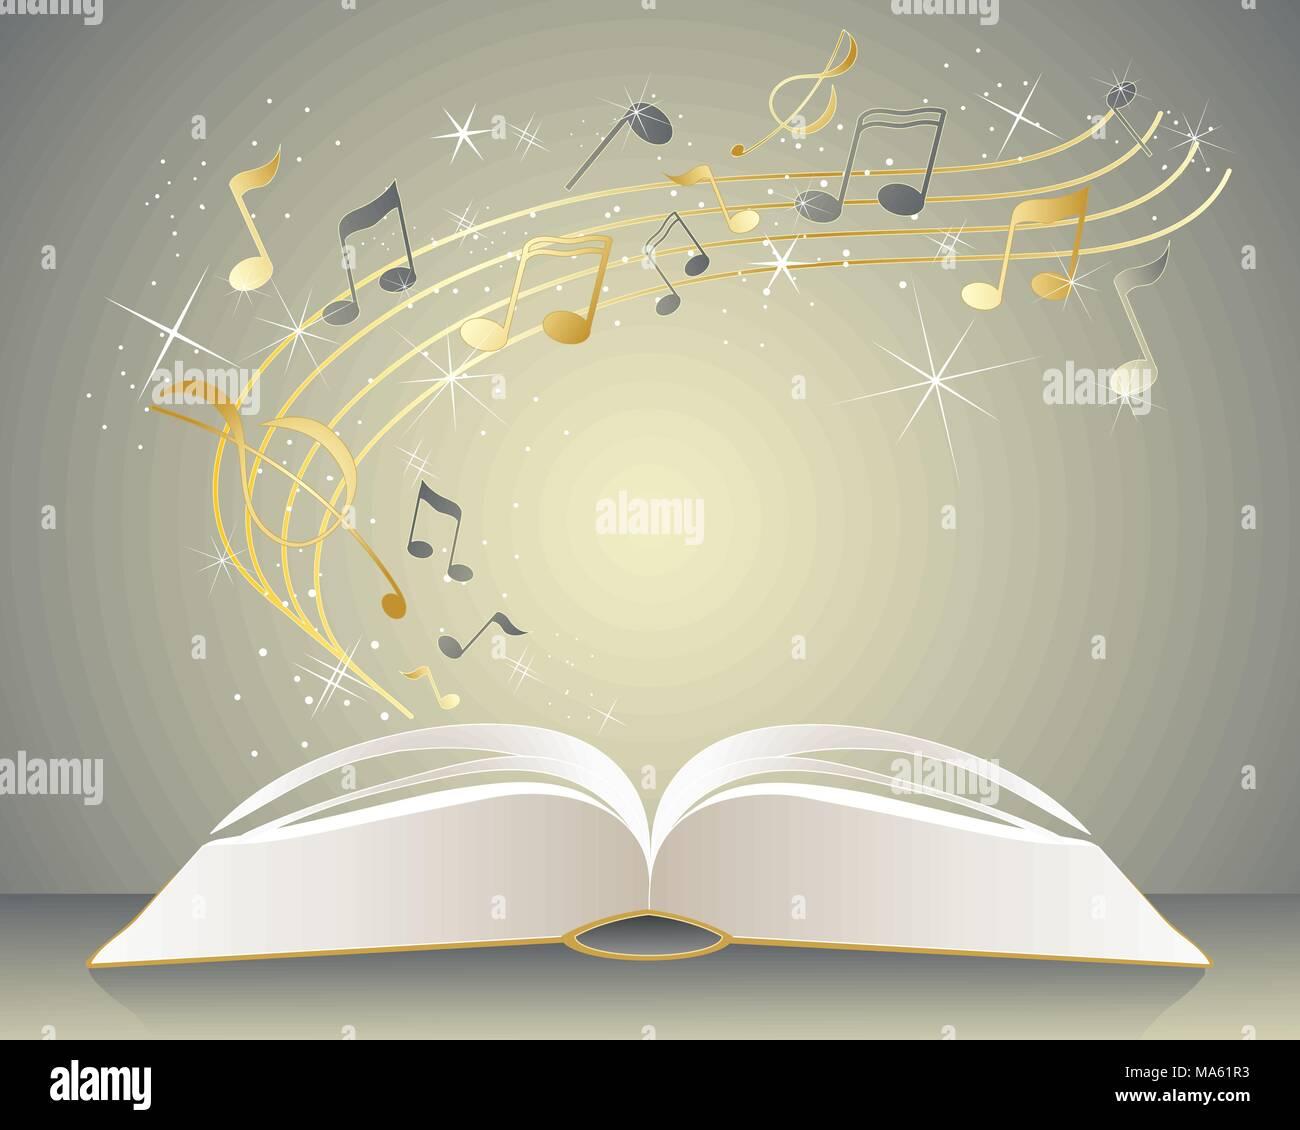 Una illustrazione vettoriale in formato eps formato 10 di aprire un libro di musica con oro e grigio radianti note dalle pagine con brillantini e stelle Immagini Stock